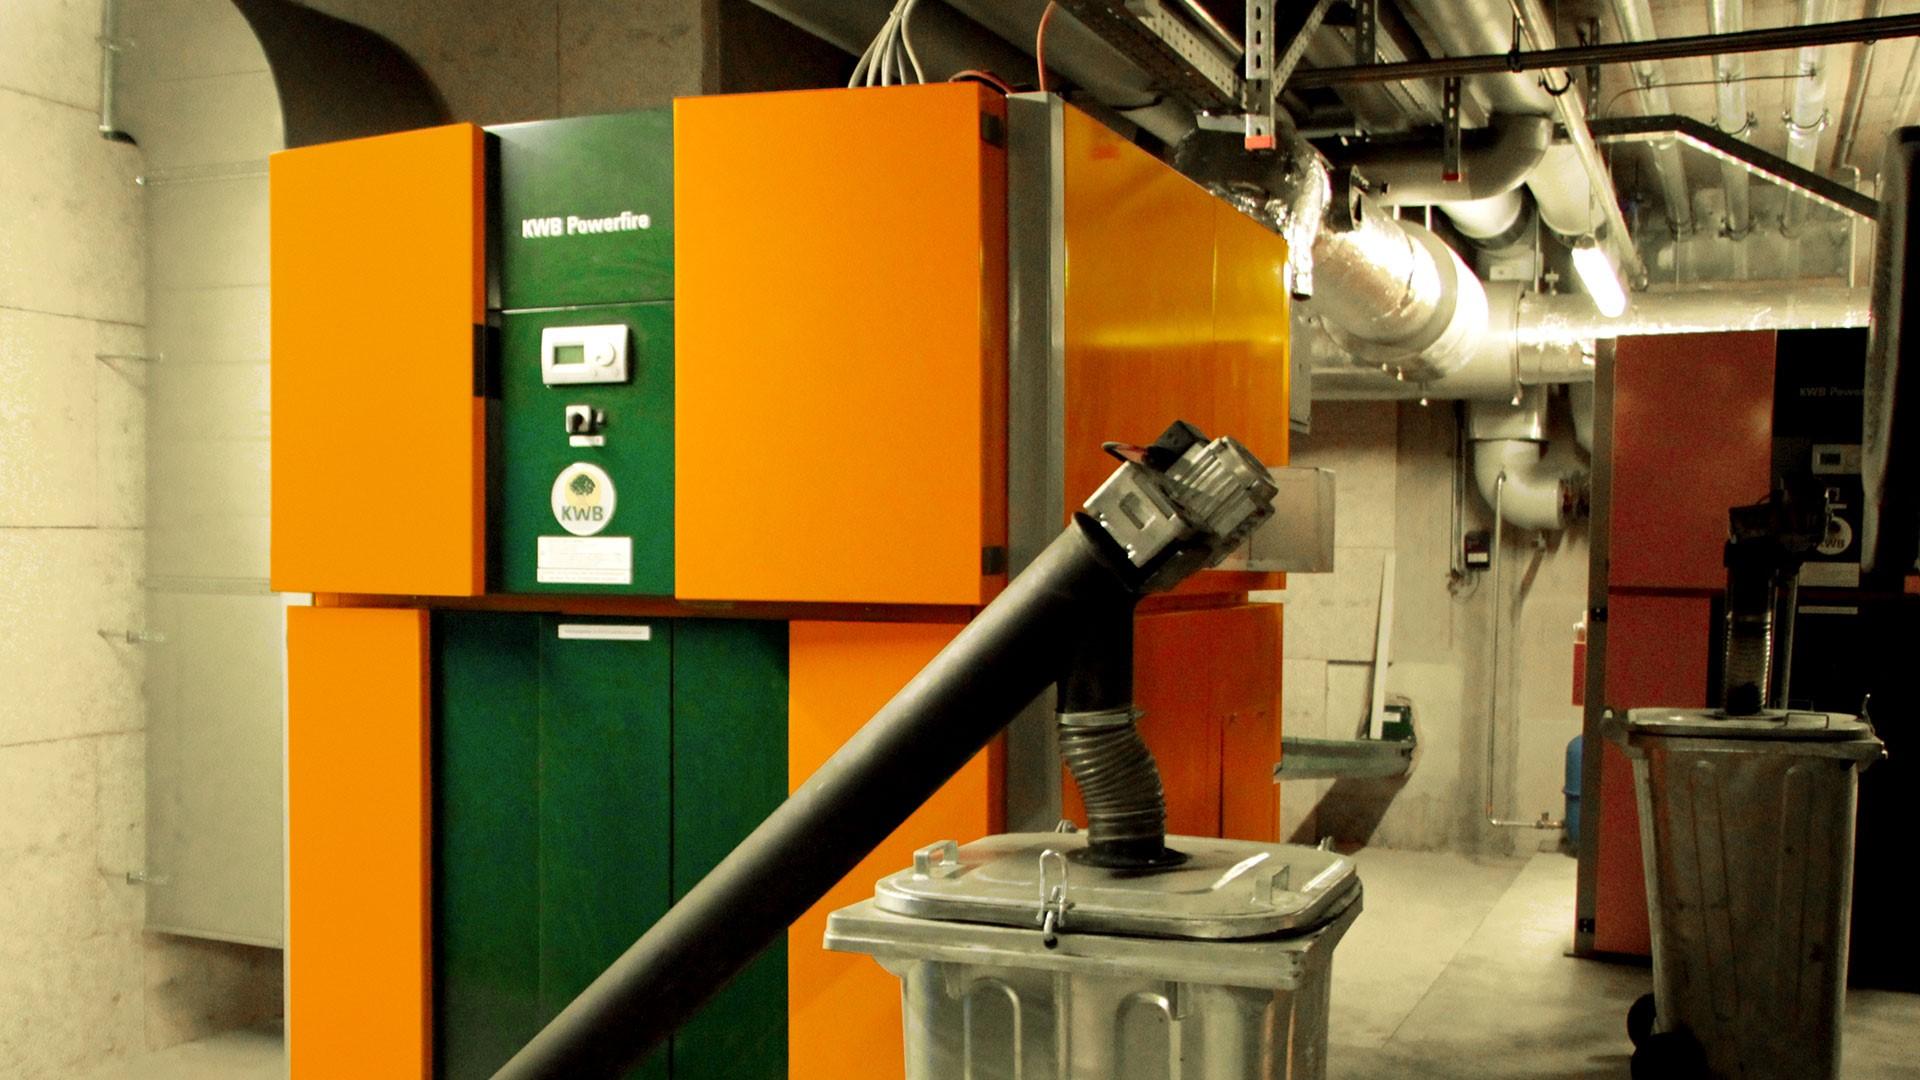 Hackgut- und Pelletheizung KWB Powerfire im Keller eines Gebäudes.